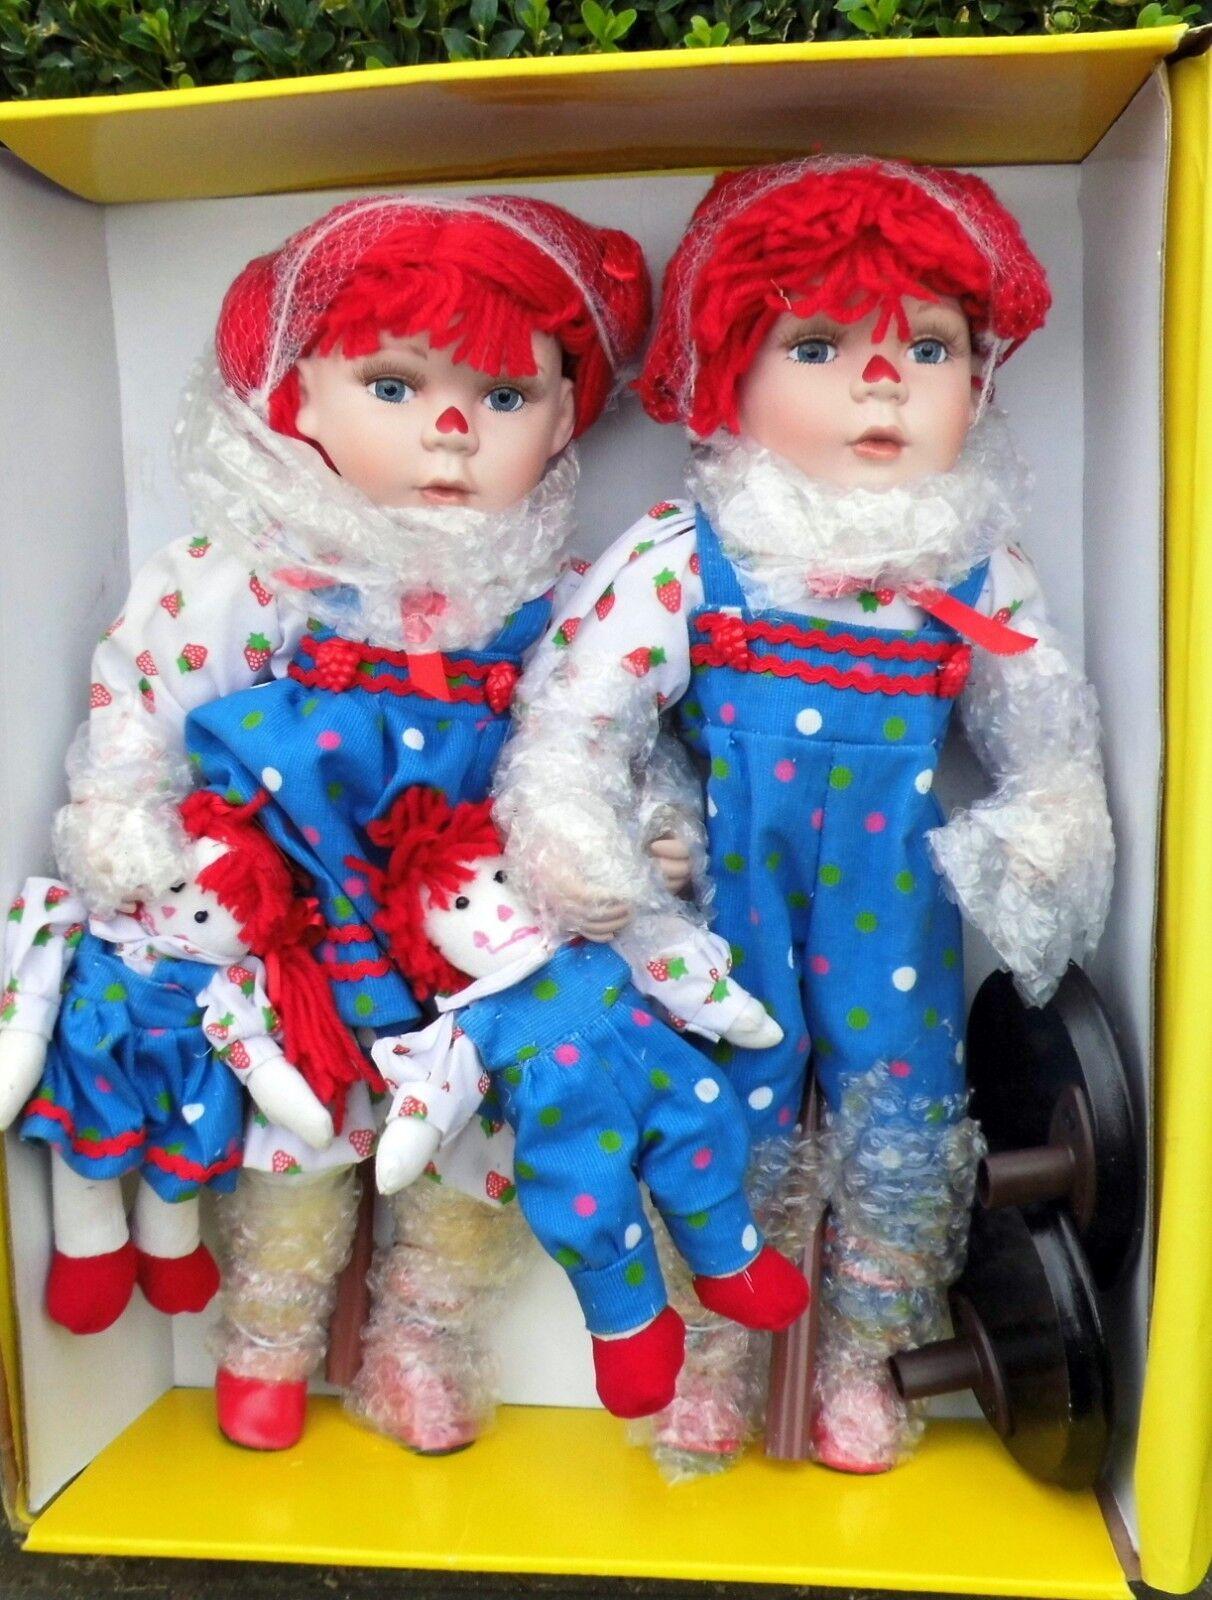 Bruder und Schwester Schwester Schwester - Porzellanpuppen   Künstlerpuppen aus den 90er Jahren 322f06